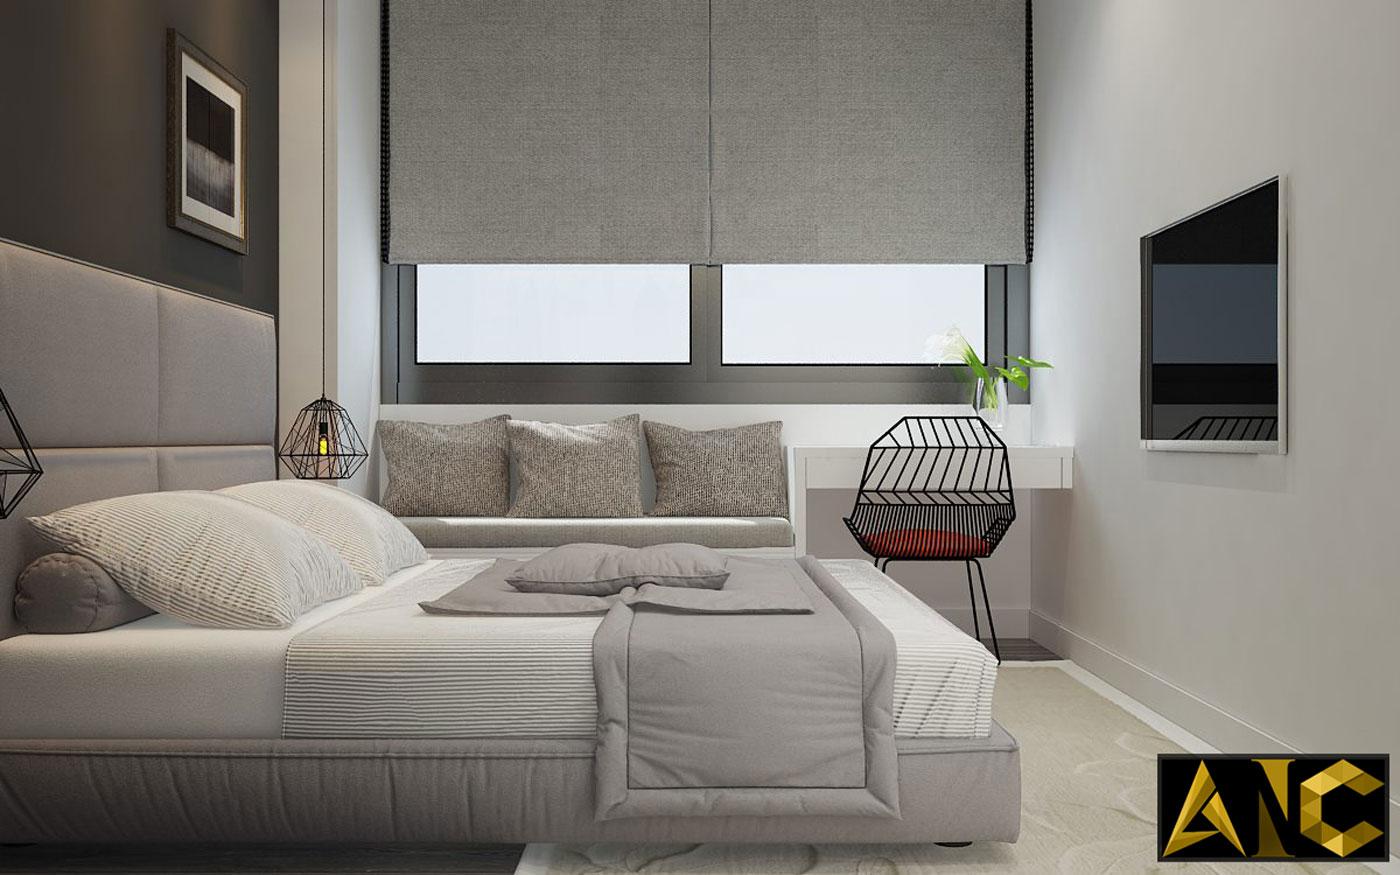 Thiết kế thi công nội thất căn hộ Scenic Valley phòng ngủ master view 2